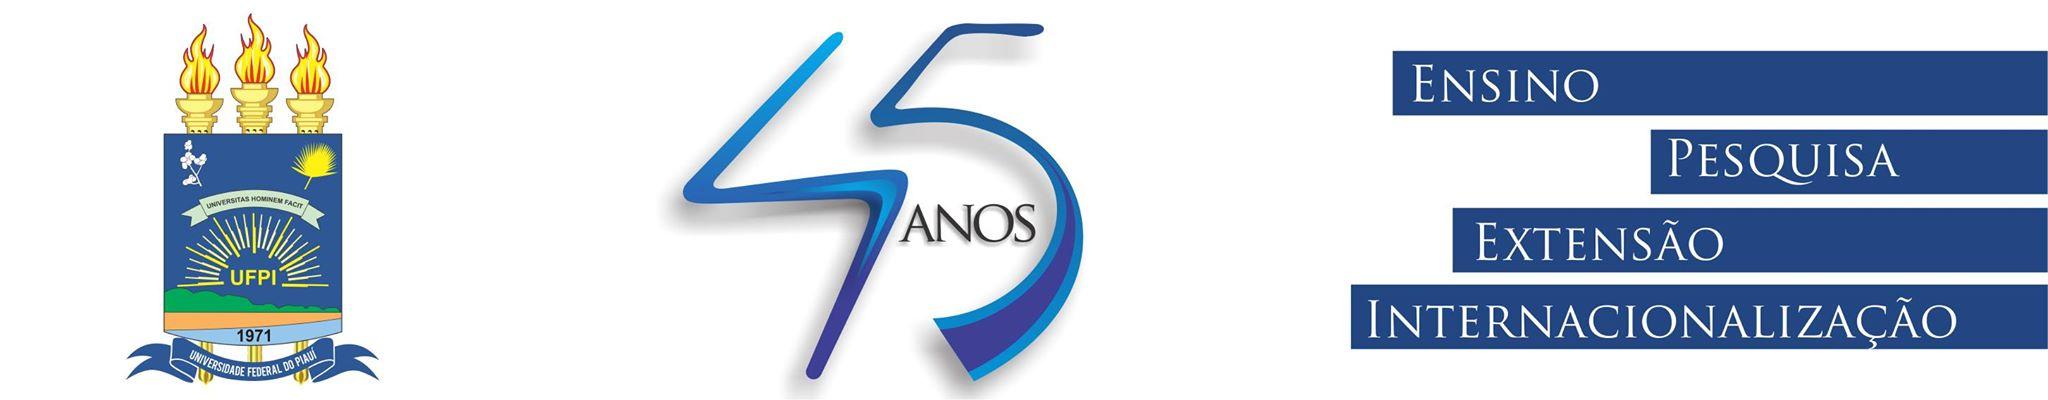 UFPI - 45 anos